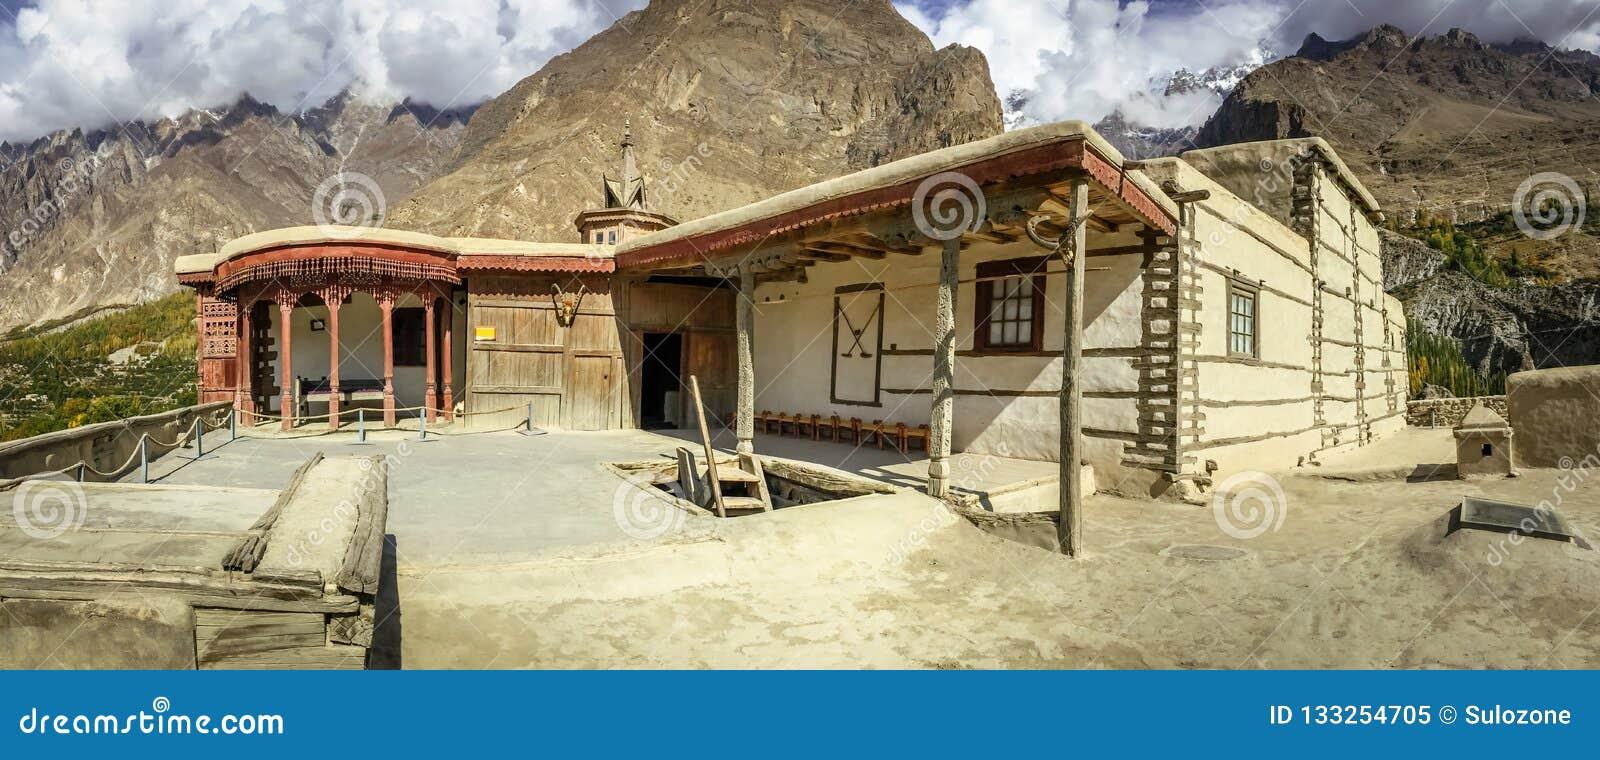 Fuerte antiguo de Baltit en la estación del otoño Valle de Hunza, Paquistán